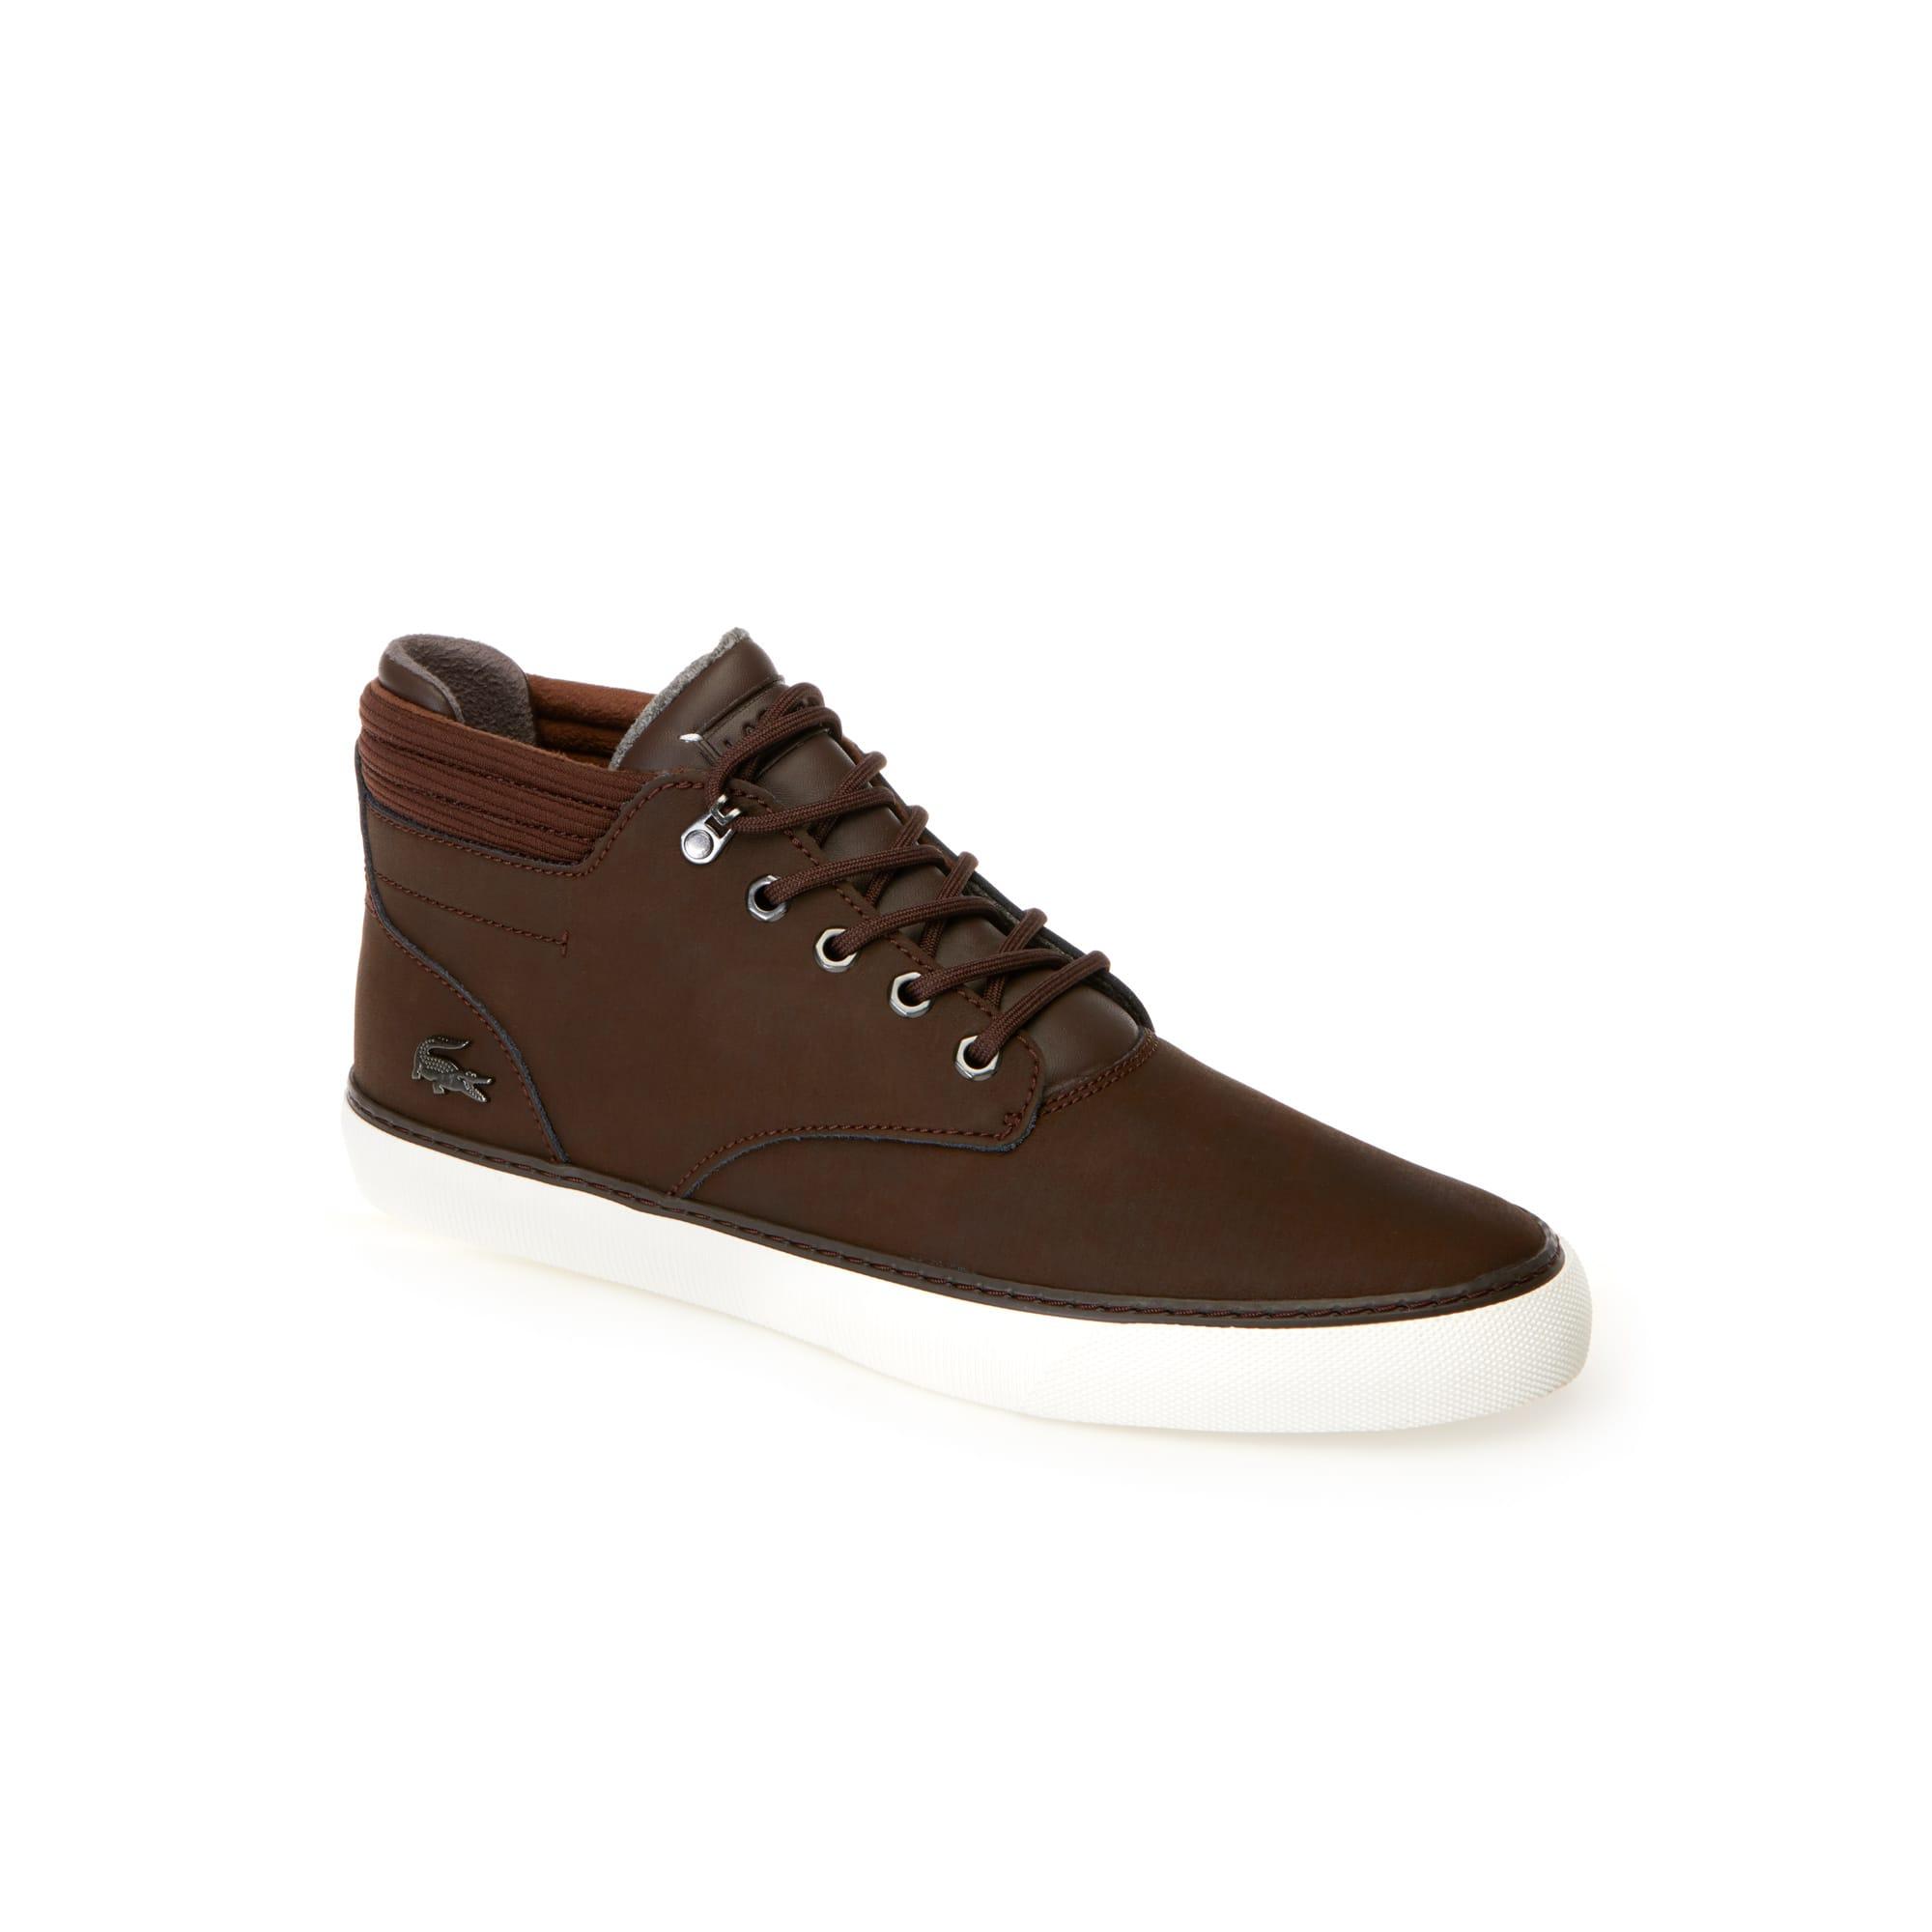 Herren Winter High-Top Sneakers ESPARRE aus Leder